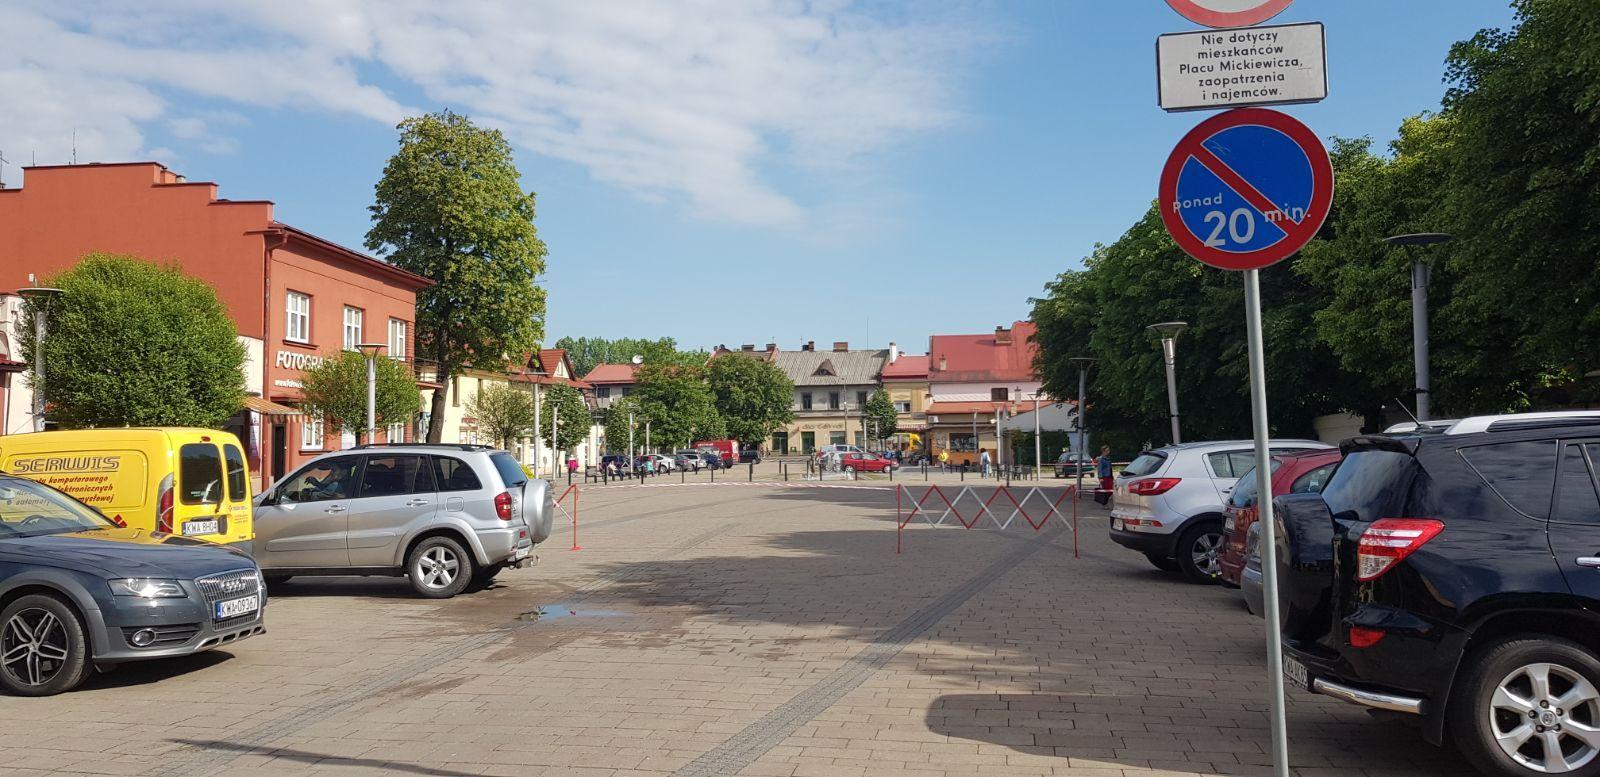 Co się dzieje na placu Mickiewicza?